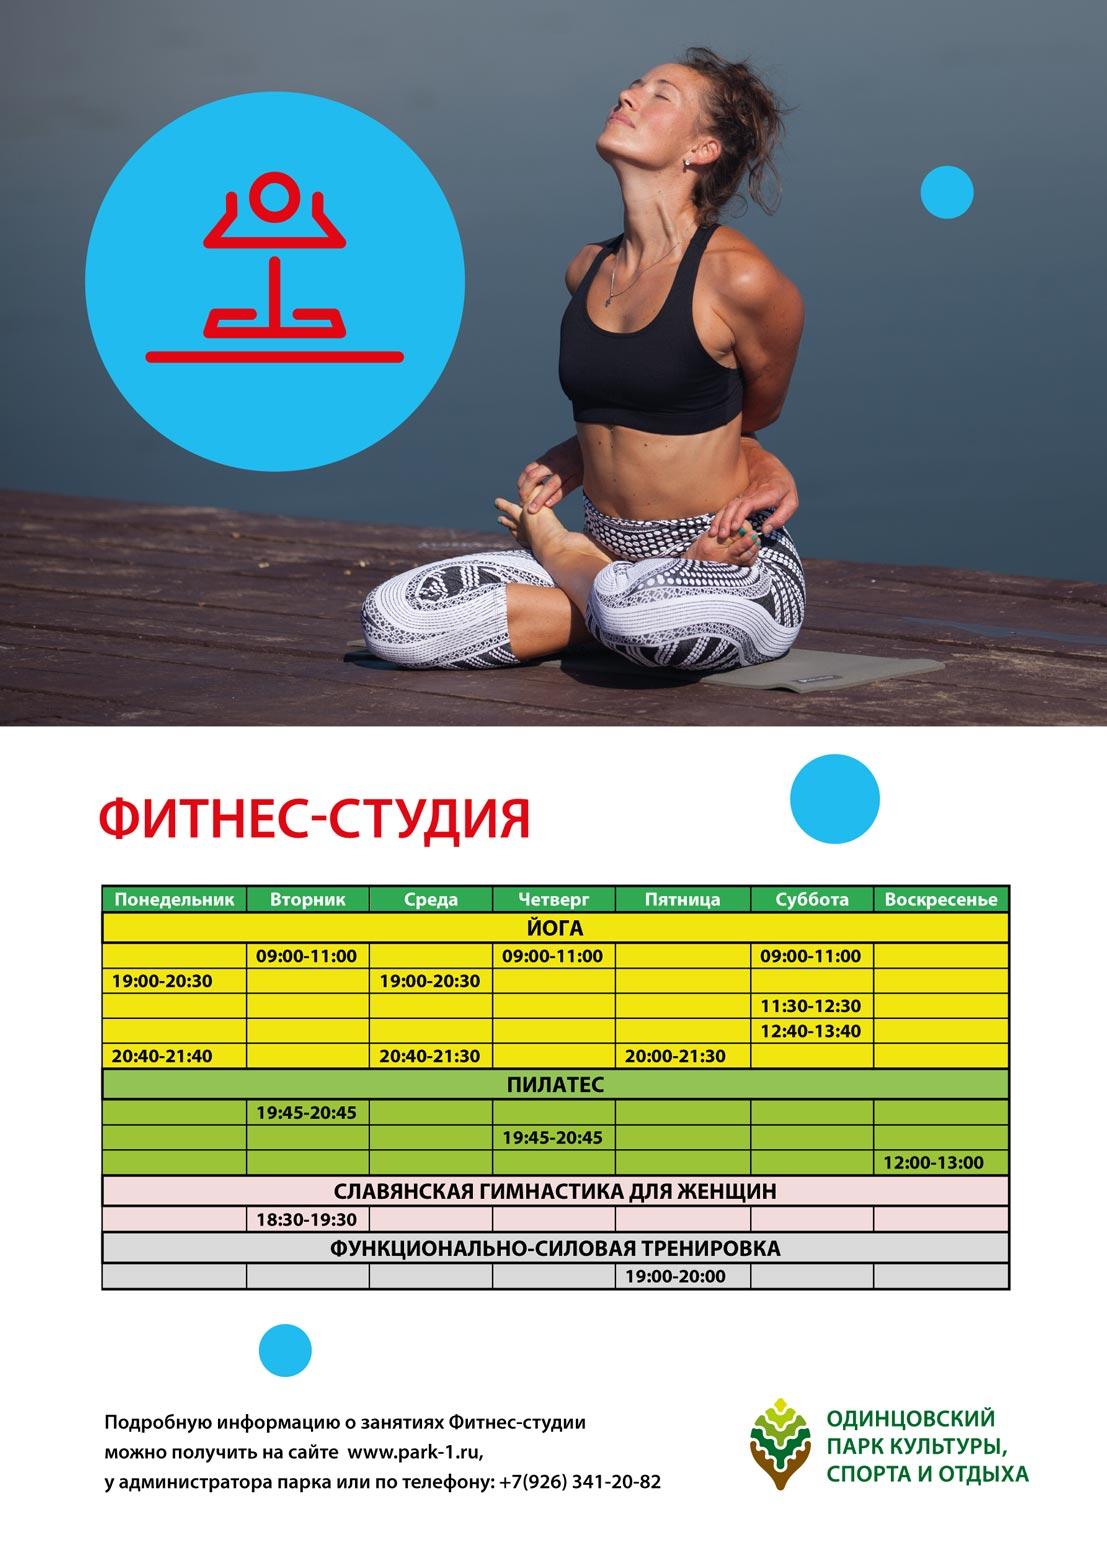 Прайс лист фитнес студия